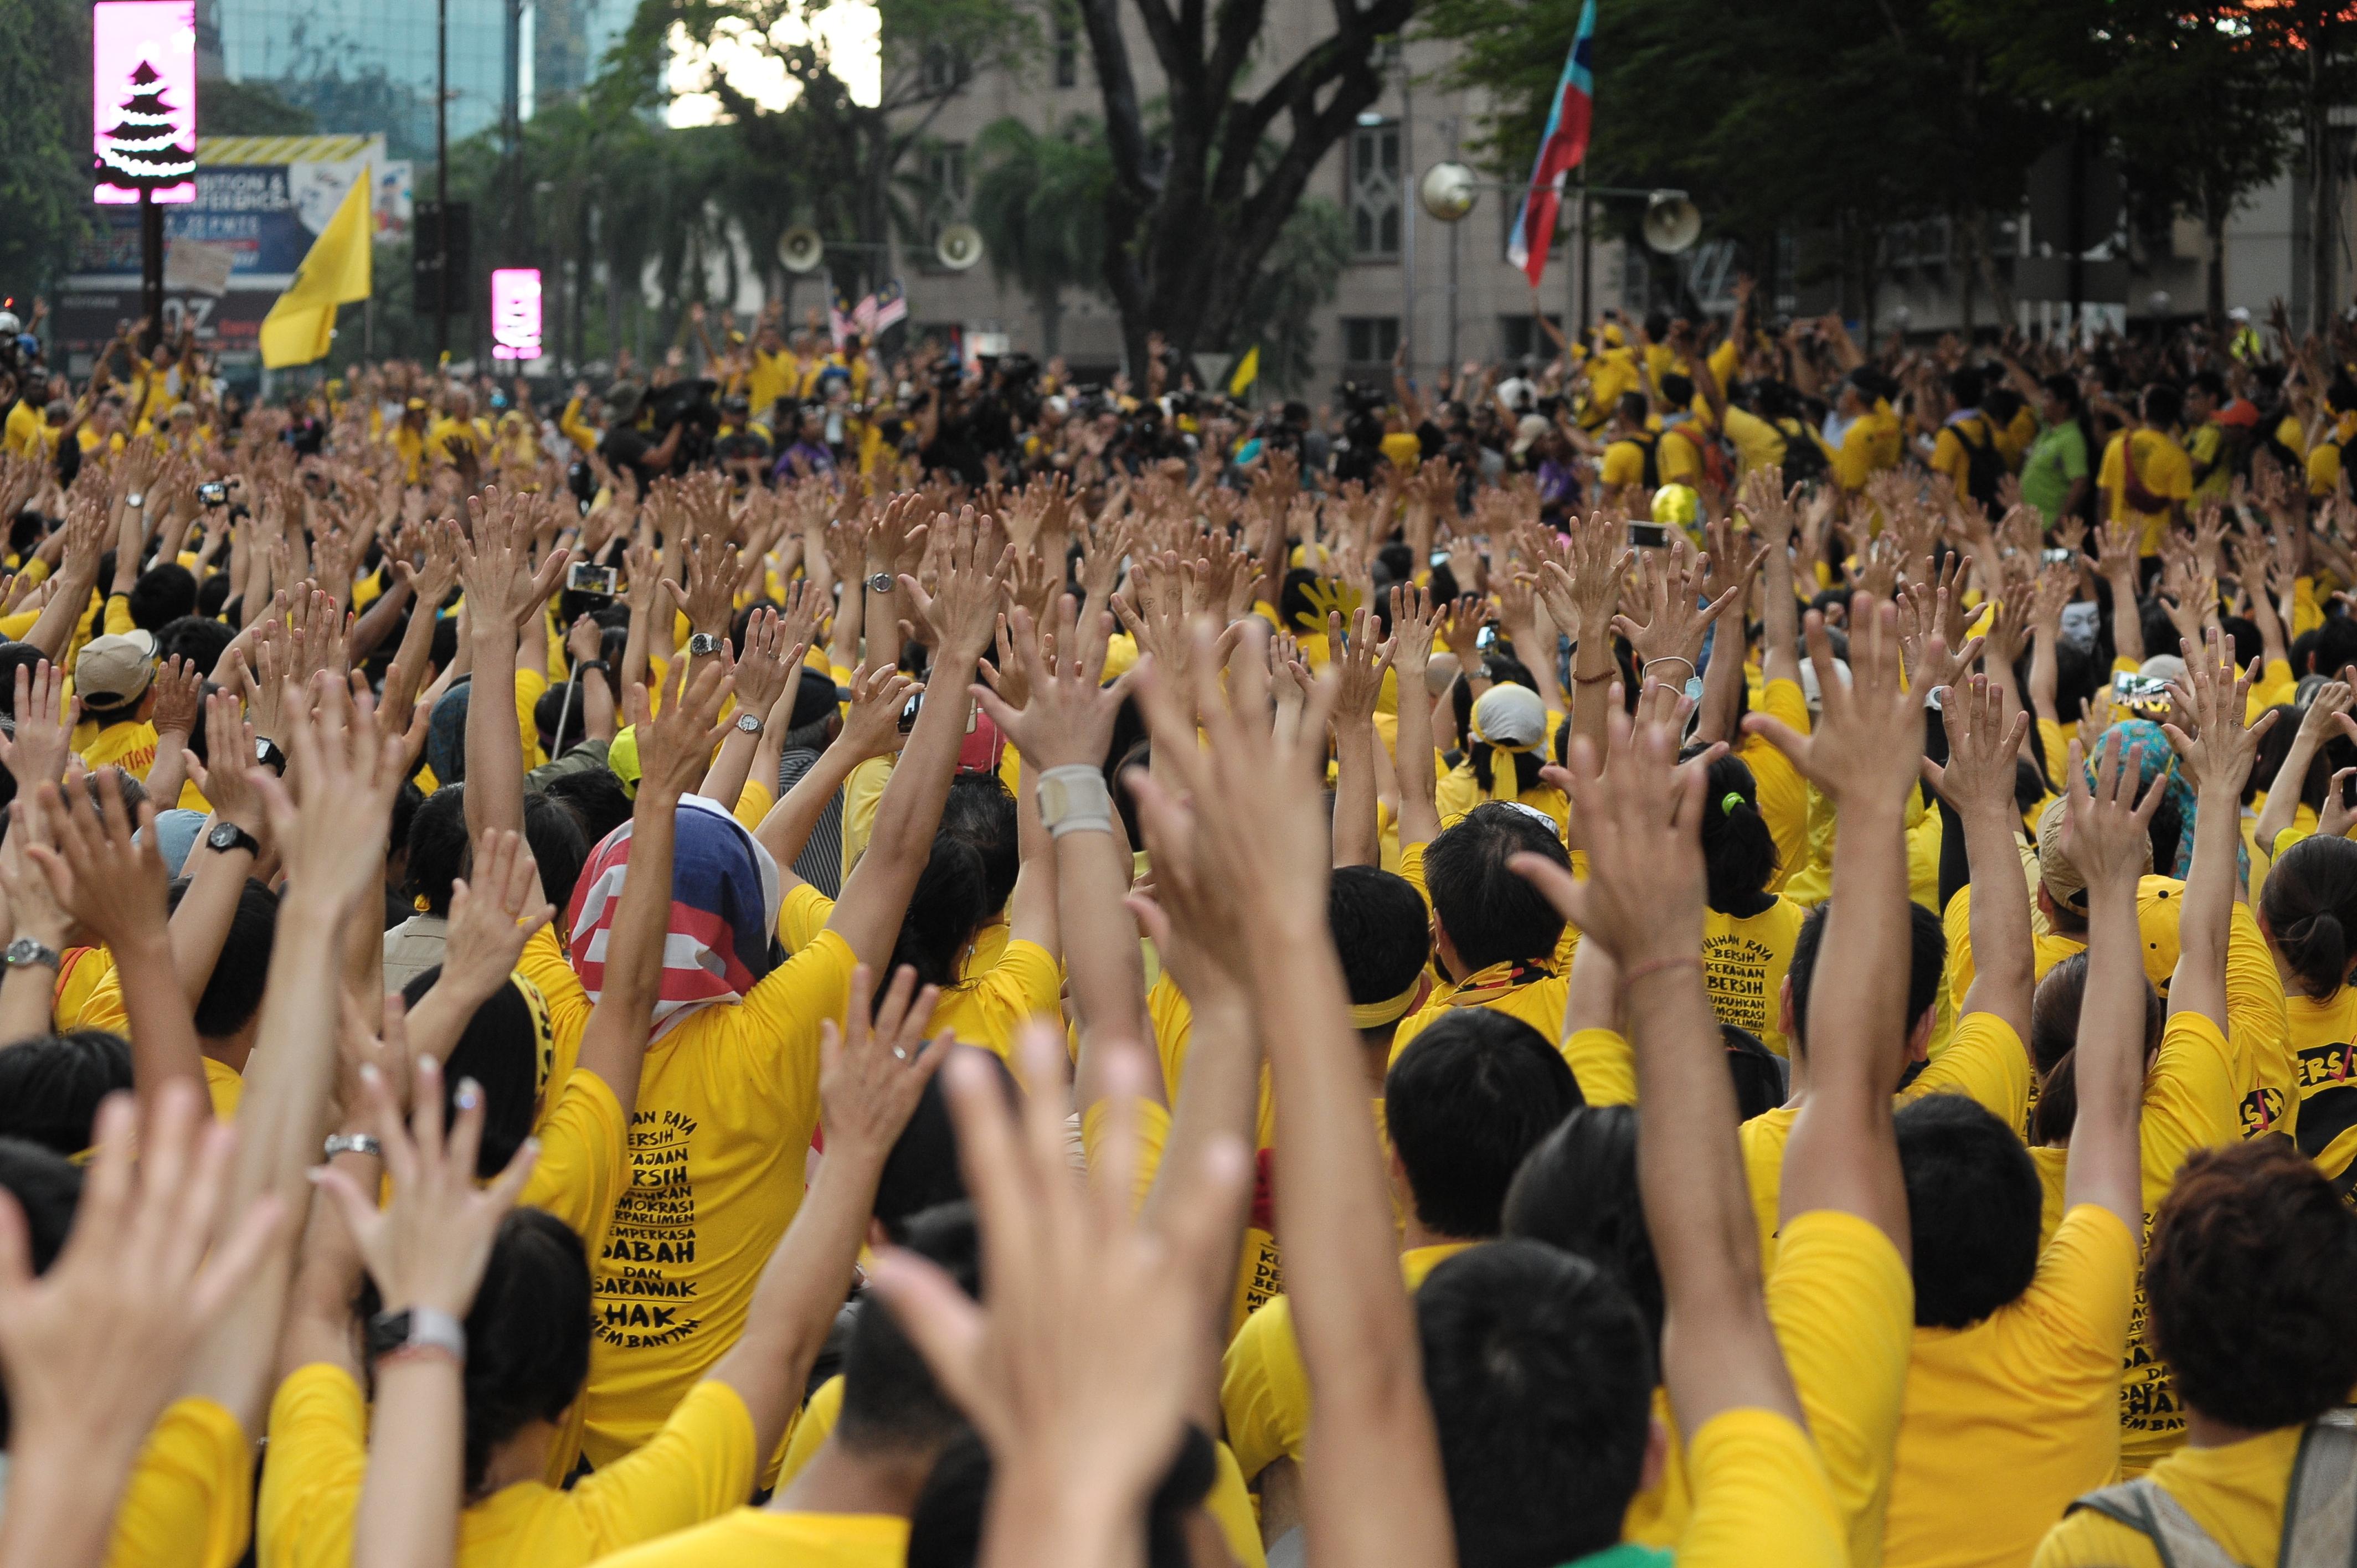 Bersih 5 - New Naratif